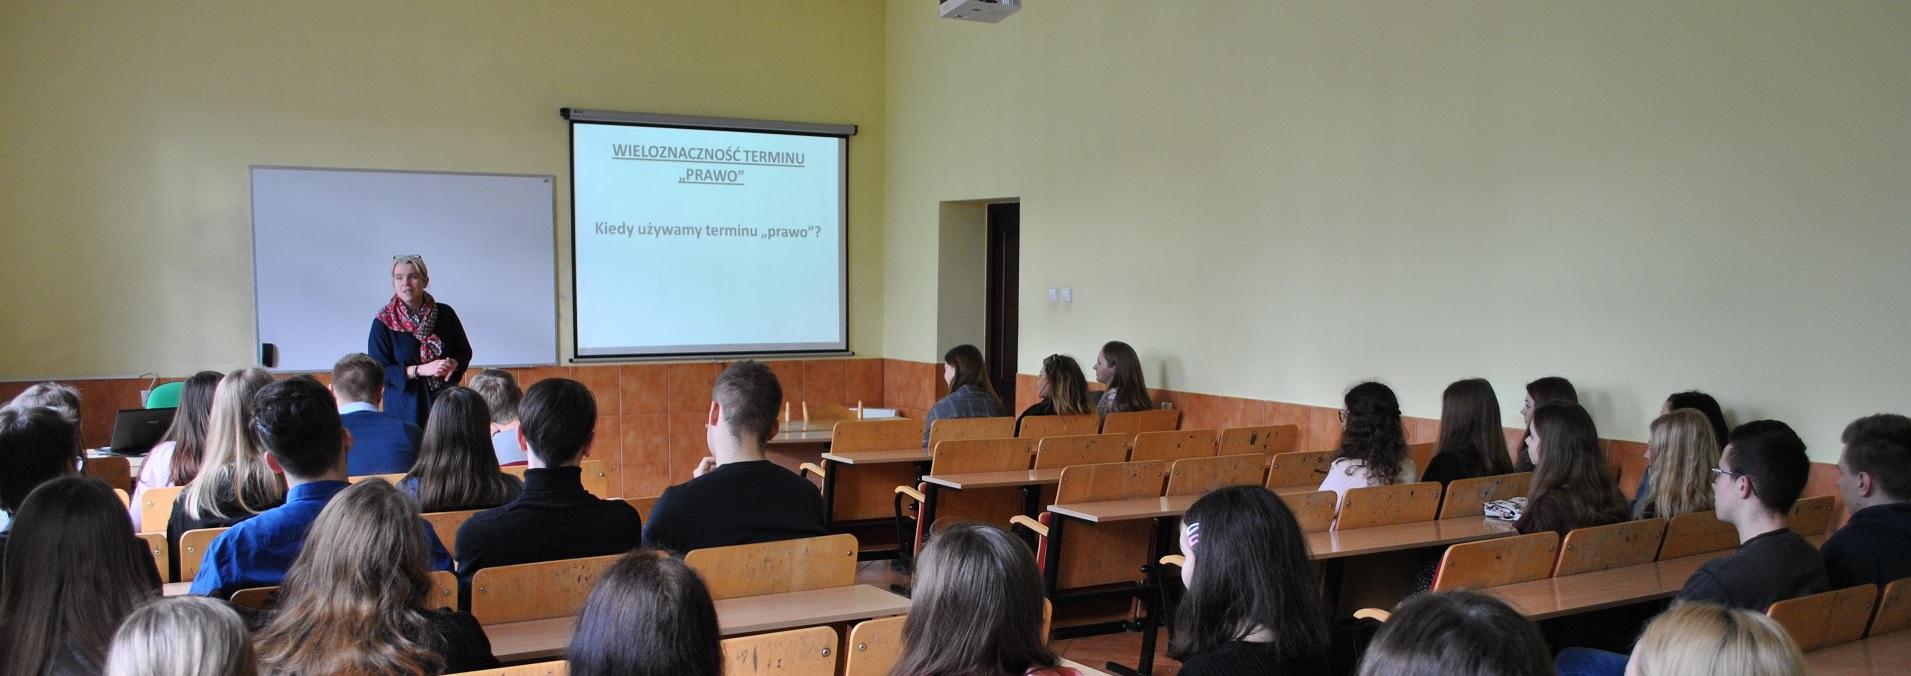 Spotkanie z uczniami II Liceum Ogólnokształcącego w ZSO w Nowogardzie